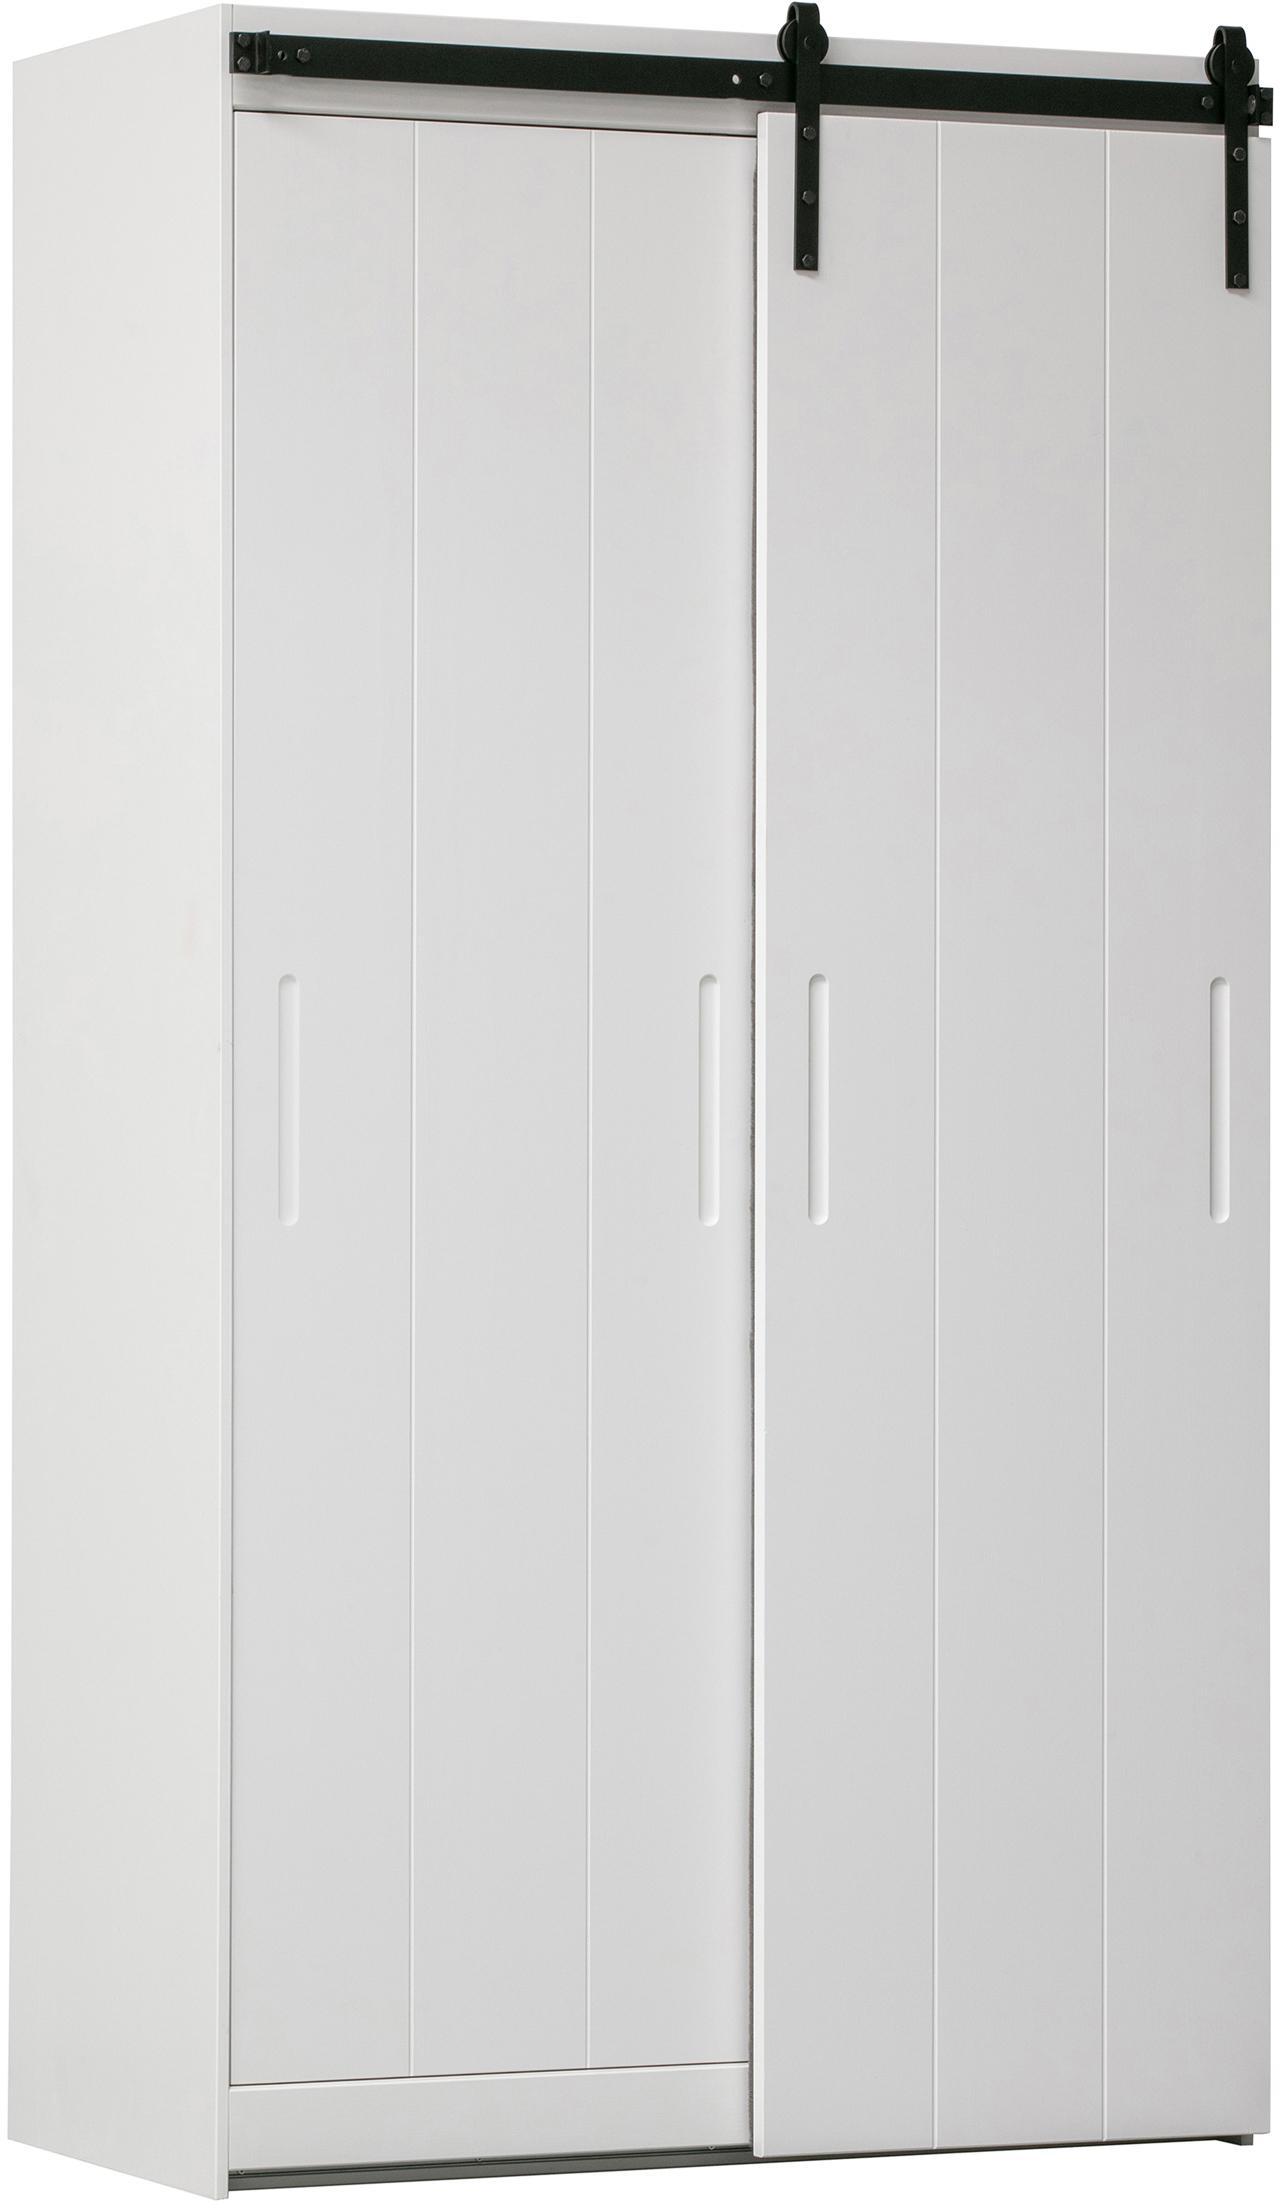 Armadio Luuk, Retro: faesite, Bianco, Larg. 115 x Alt. 218 cm